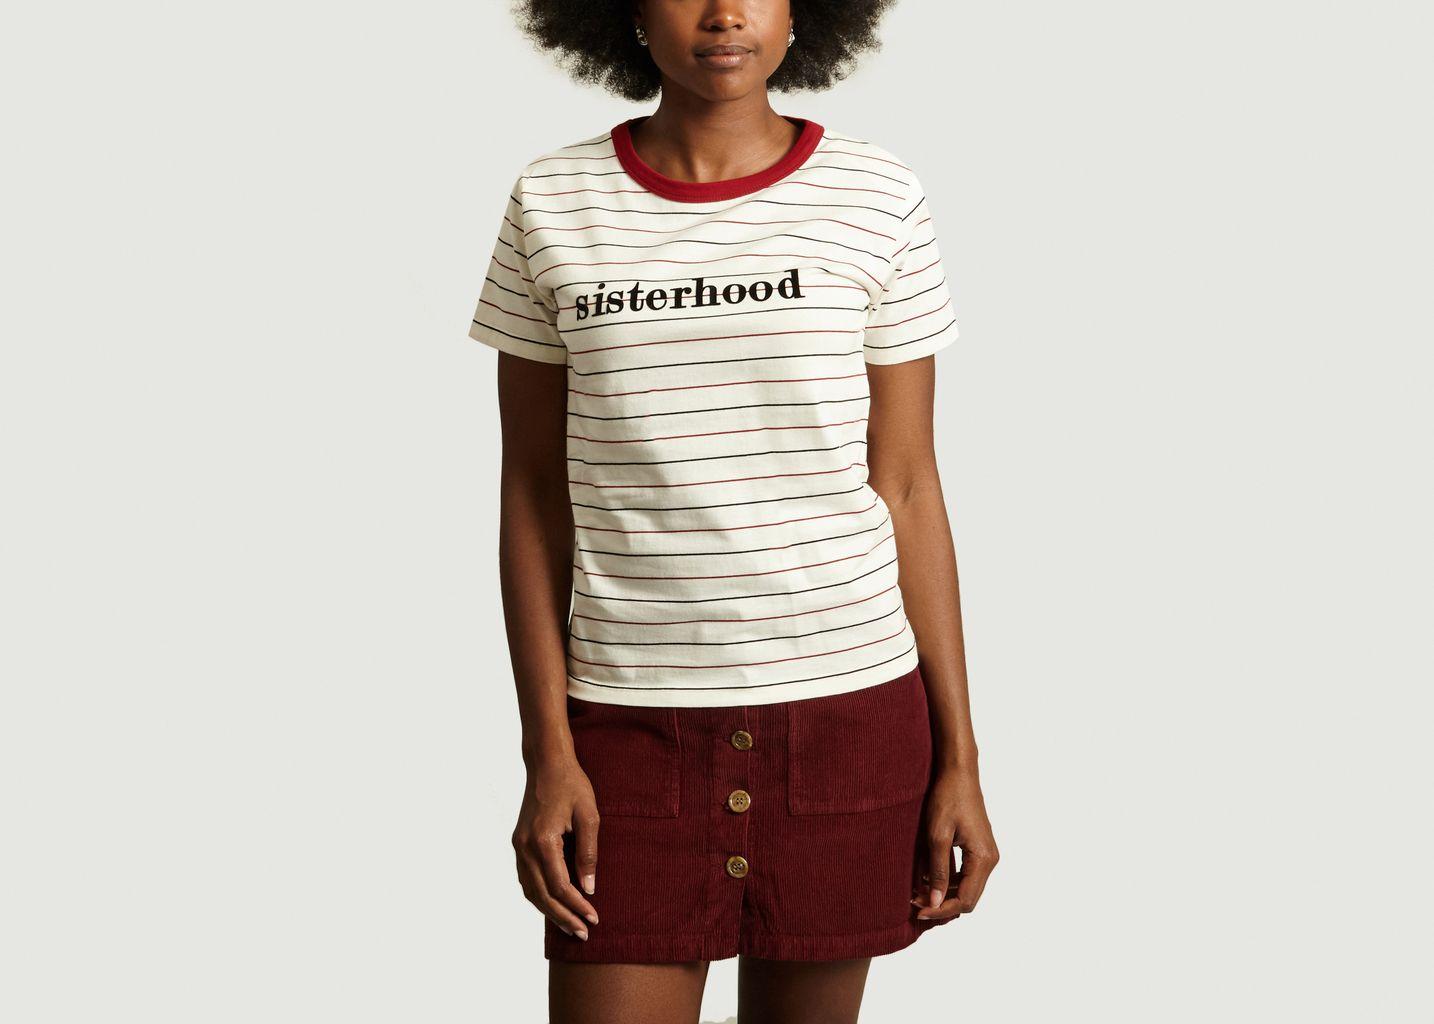 T-shirt Sisterhood - Maison Labiche